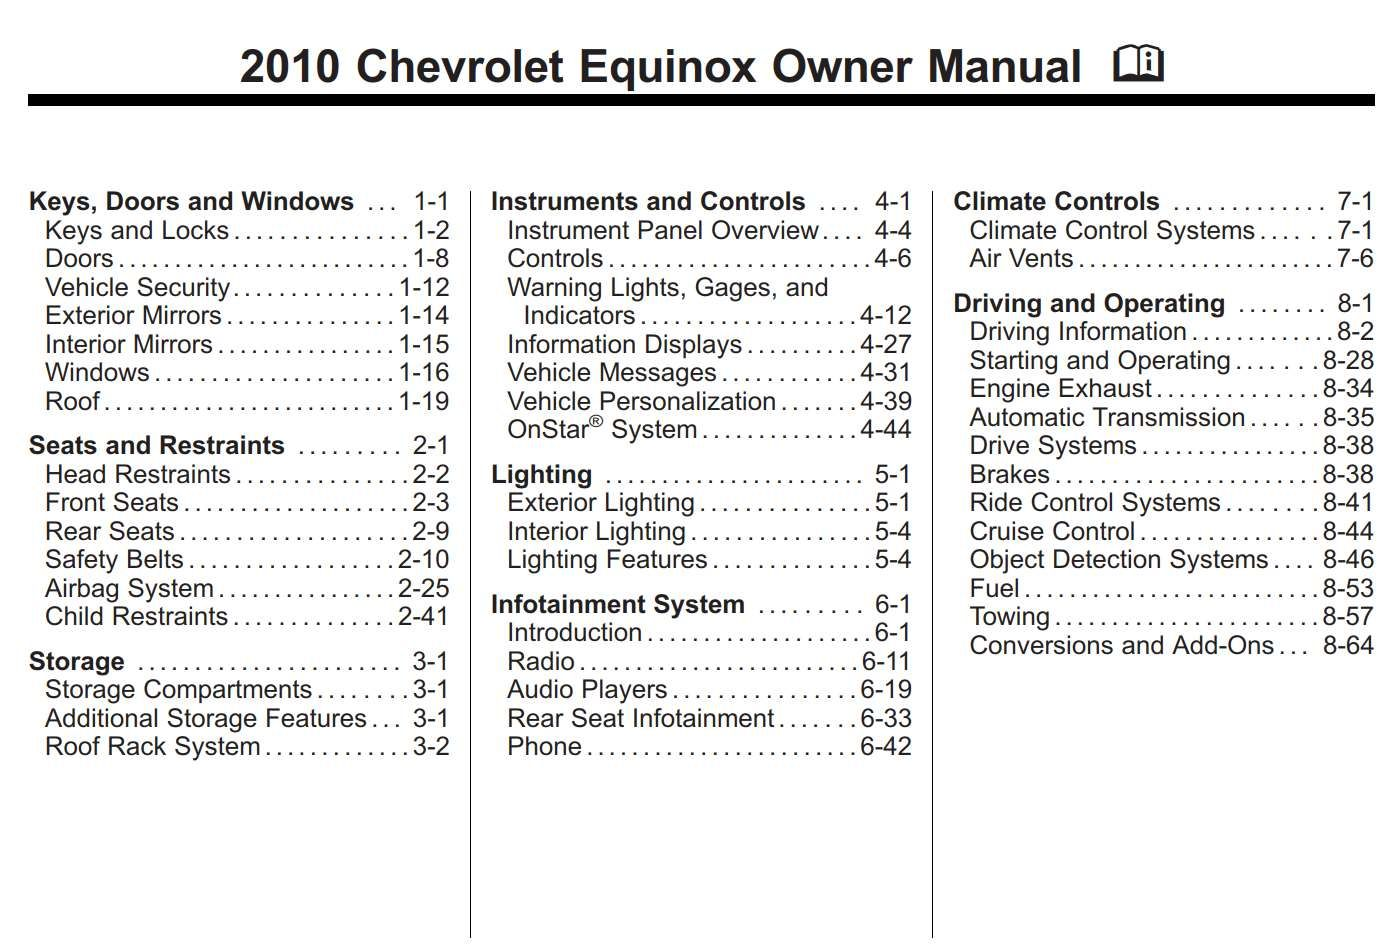 Chevrolet Equinox 2010 Owner S Manual Has Been Published On Procarmanuals Com Https Procarmanuals Com Chevrolet Eq Chevrolet Equinox Owners Manuals Chevrolet